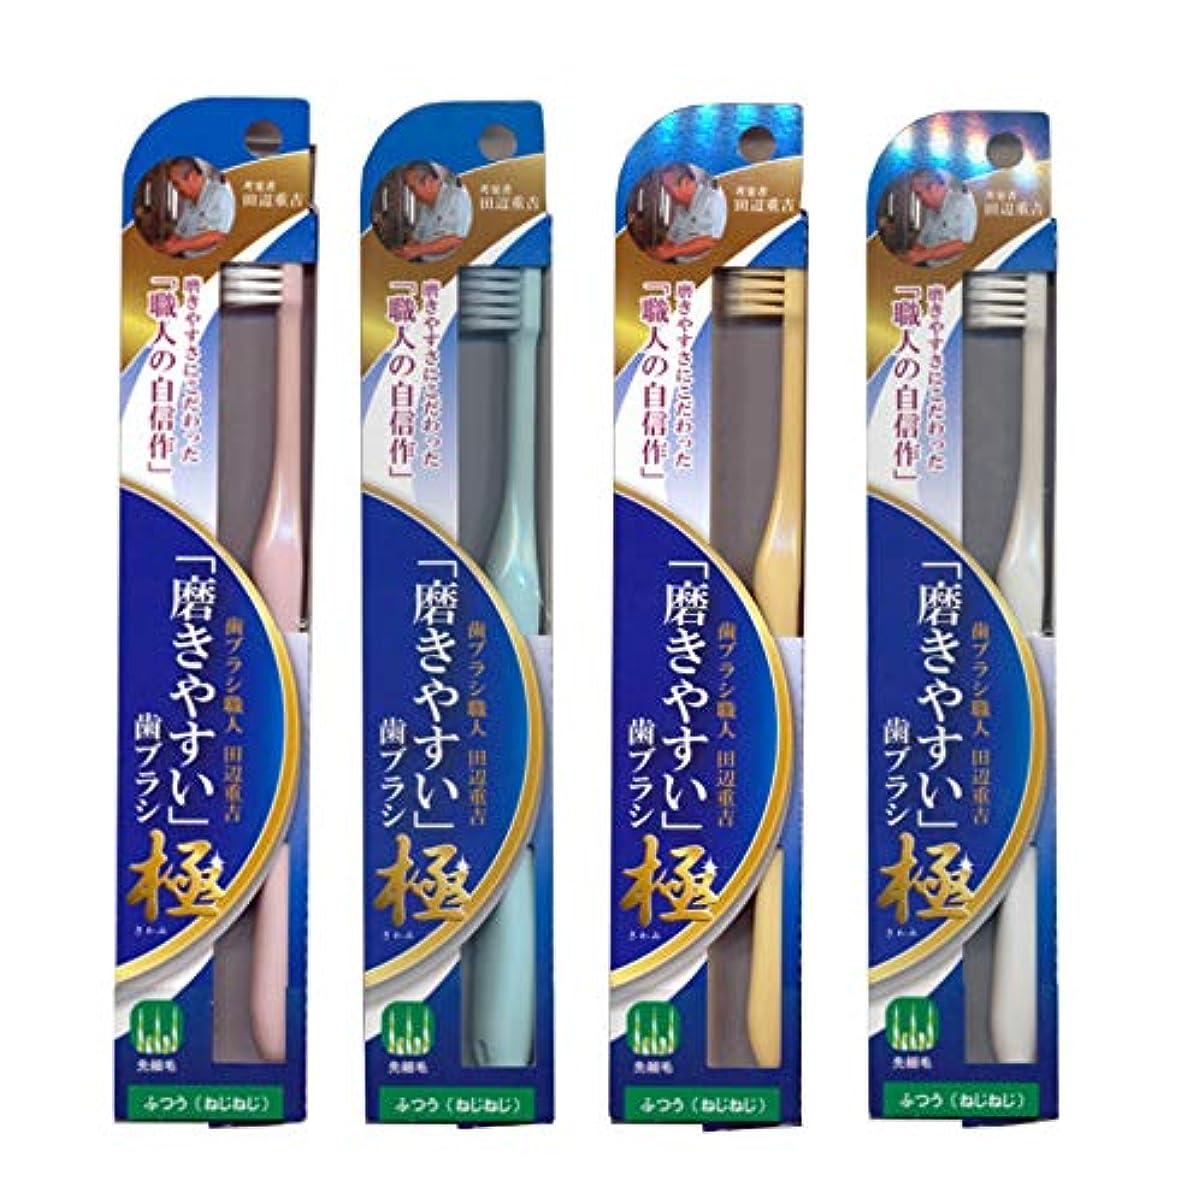 連鎖許可する爆弾磨きやすい歯ブラシ極 (ふつう ねじねじ) LT-45×4本セット(ピンク×1、ブルー×1、ホワイト×1、イエロー×1) 先細毛